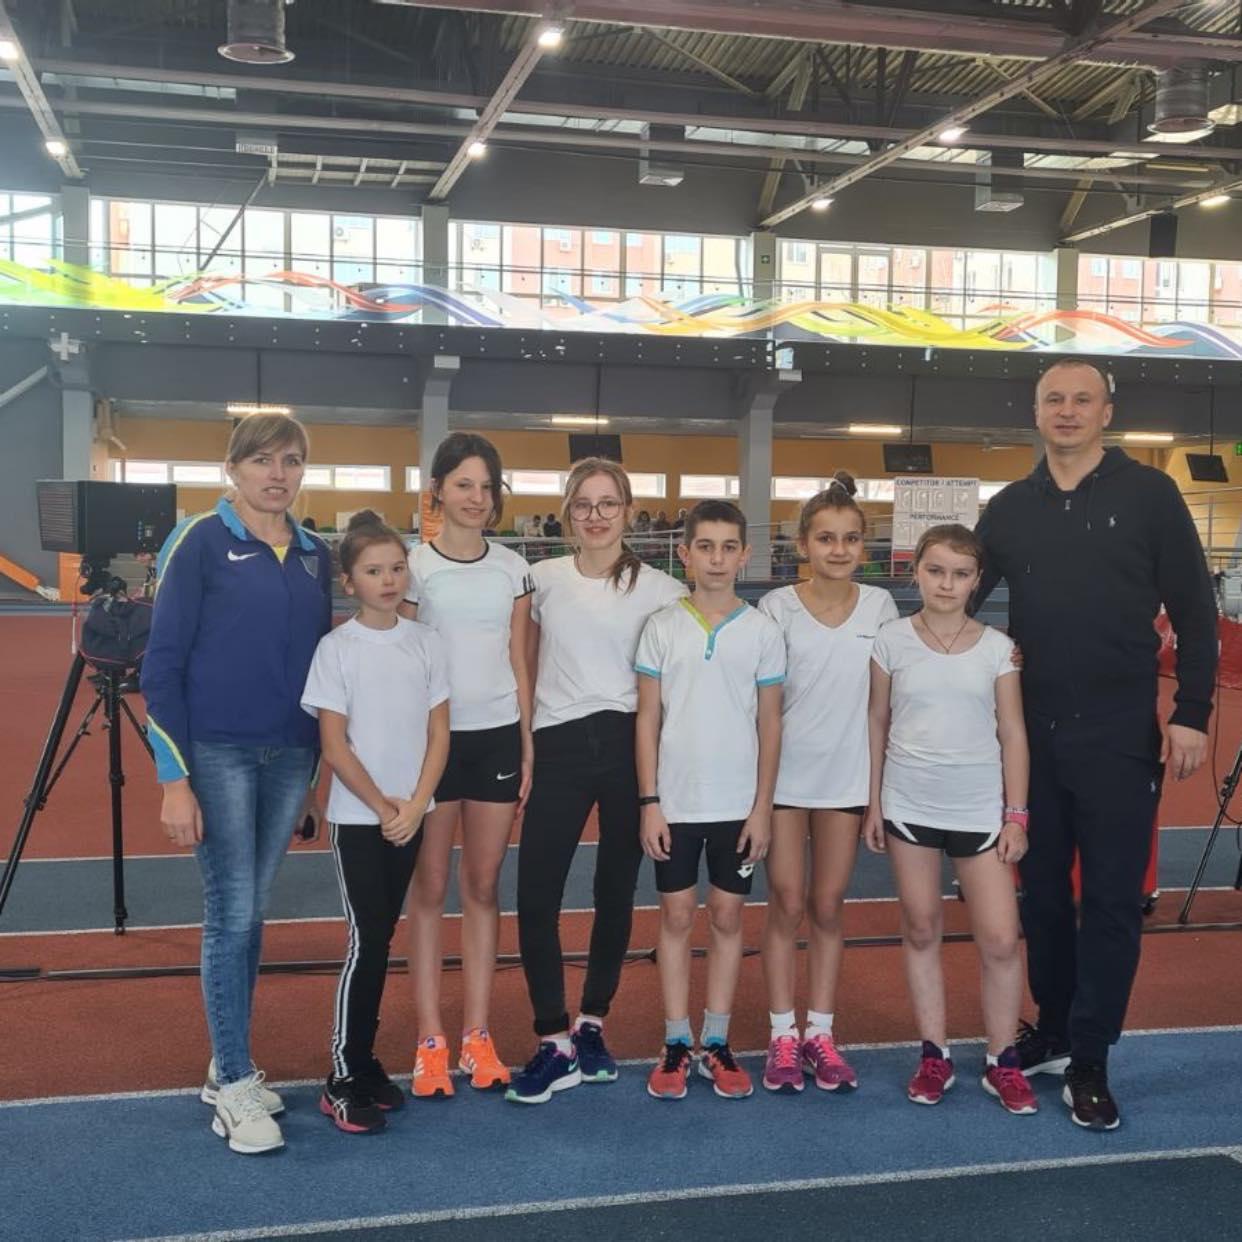 Волинські учні зайняли призові місця на Чемпіонаті України з легкоатлетичного двоборства